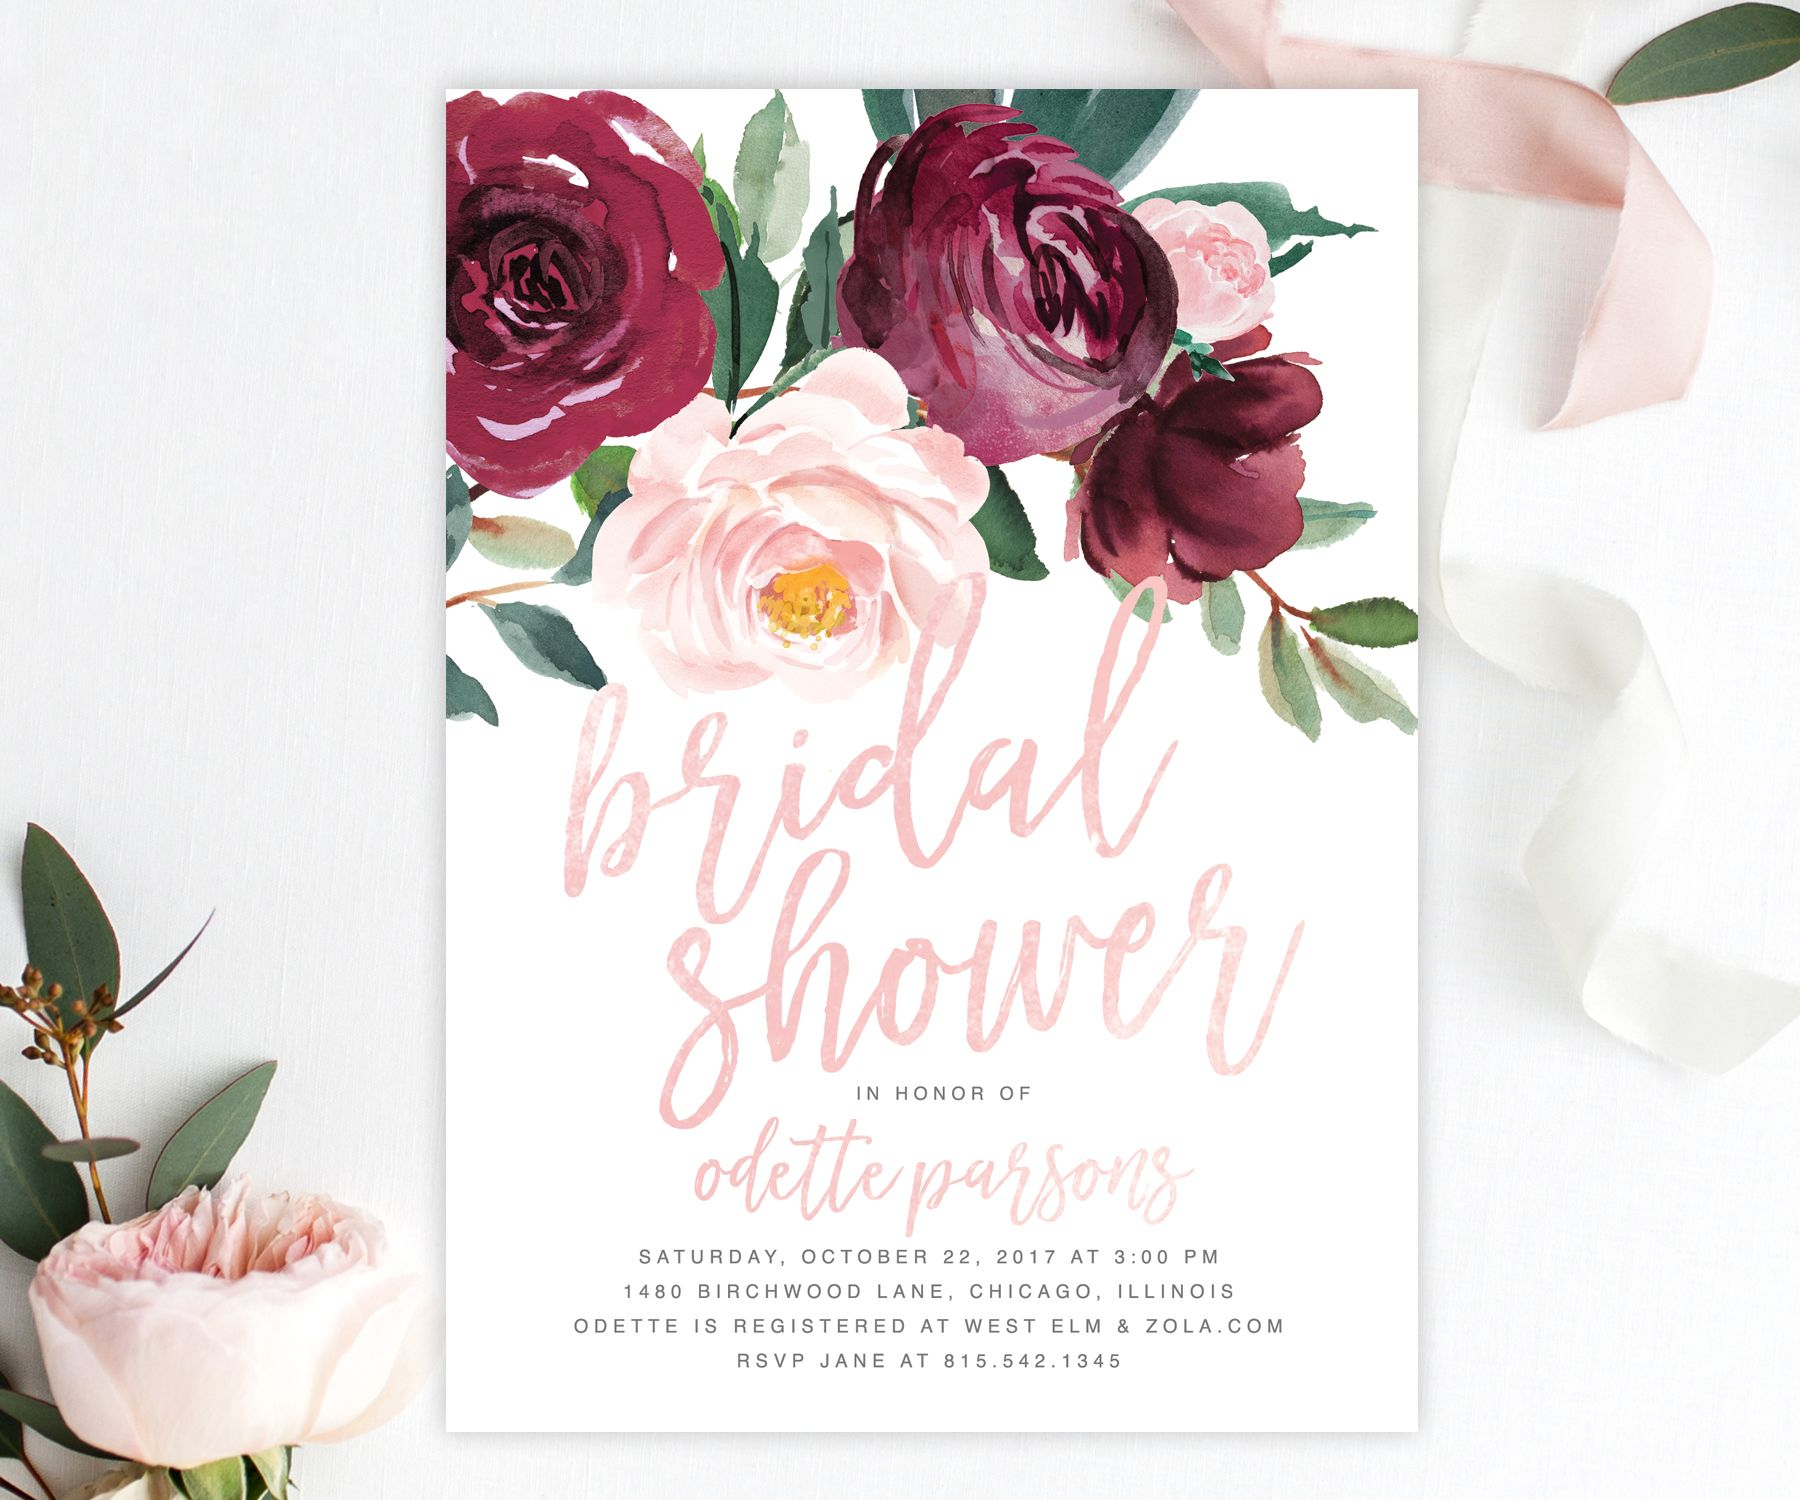 Odette Bridal Shower Invitation Burgundy Blush Pink